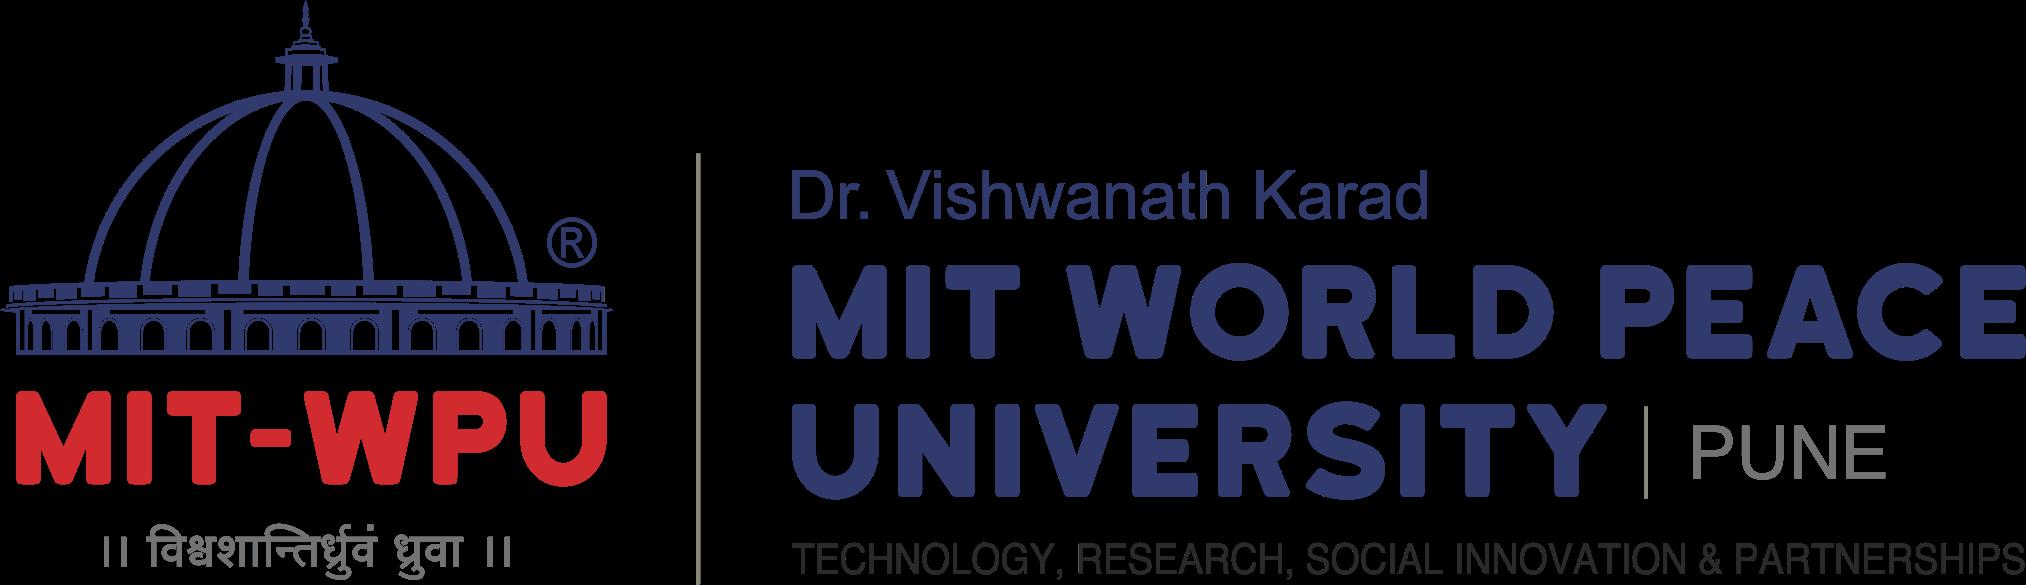 MIT World Peace University [MITWPU], Pune